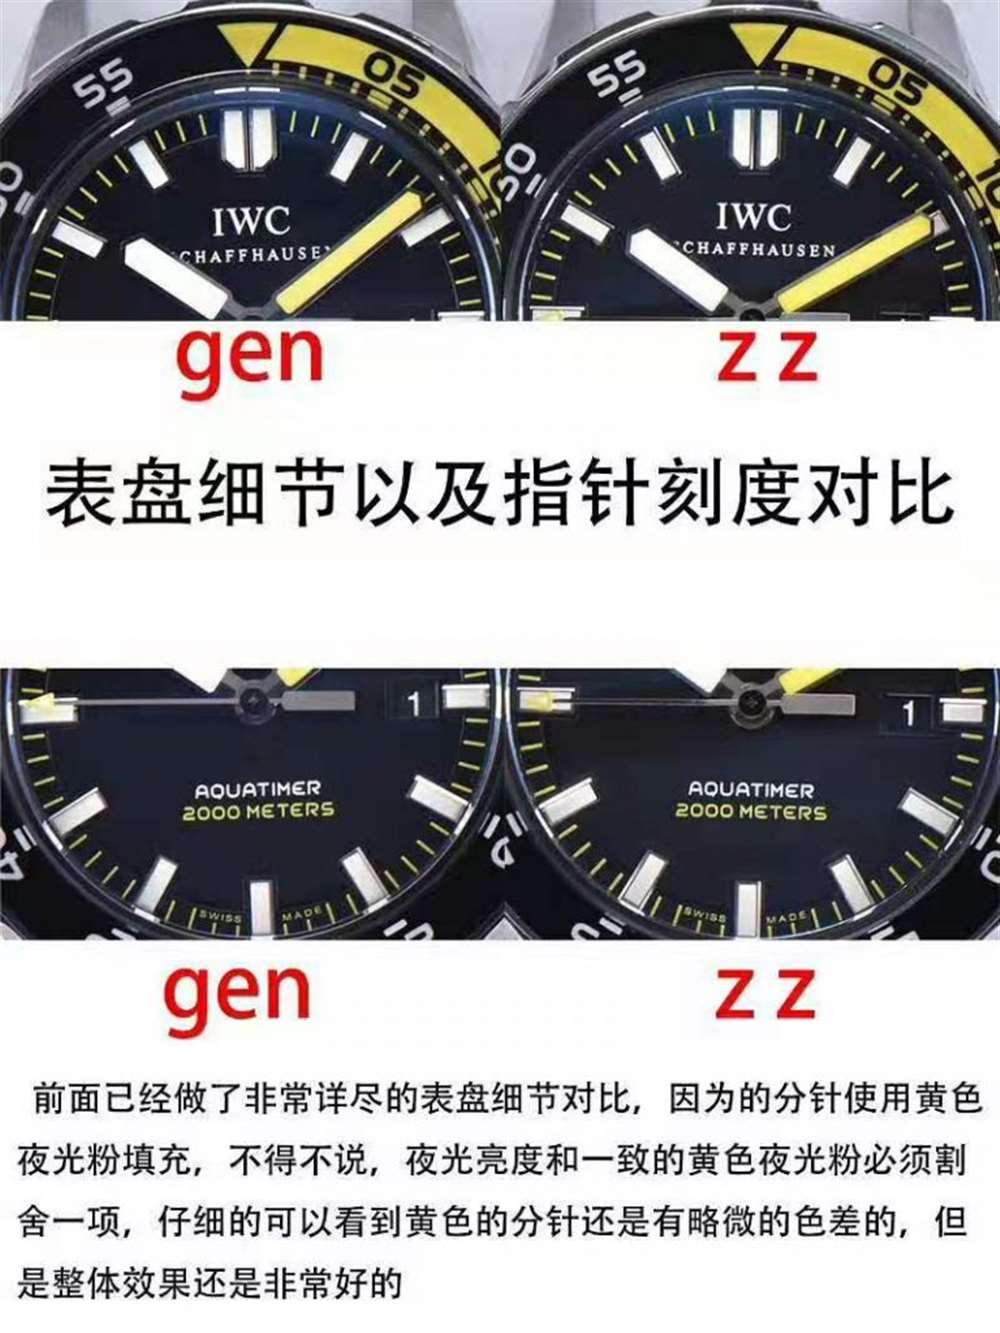 万国四分之一黄复刻表ZZ厂好还是IWS厂好?